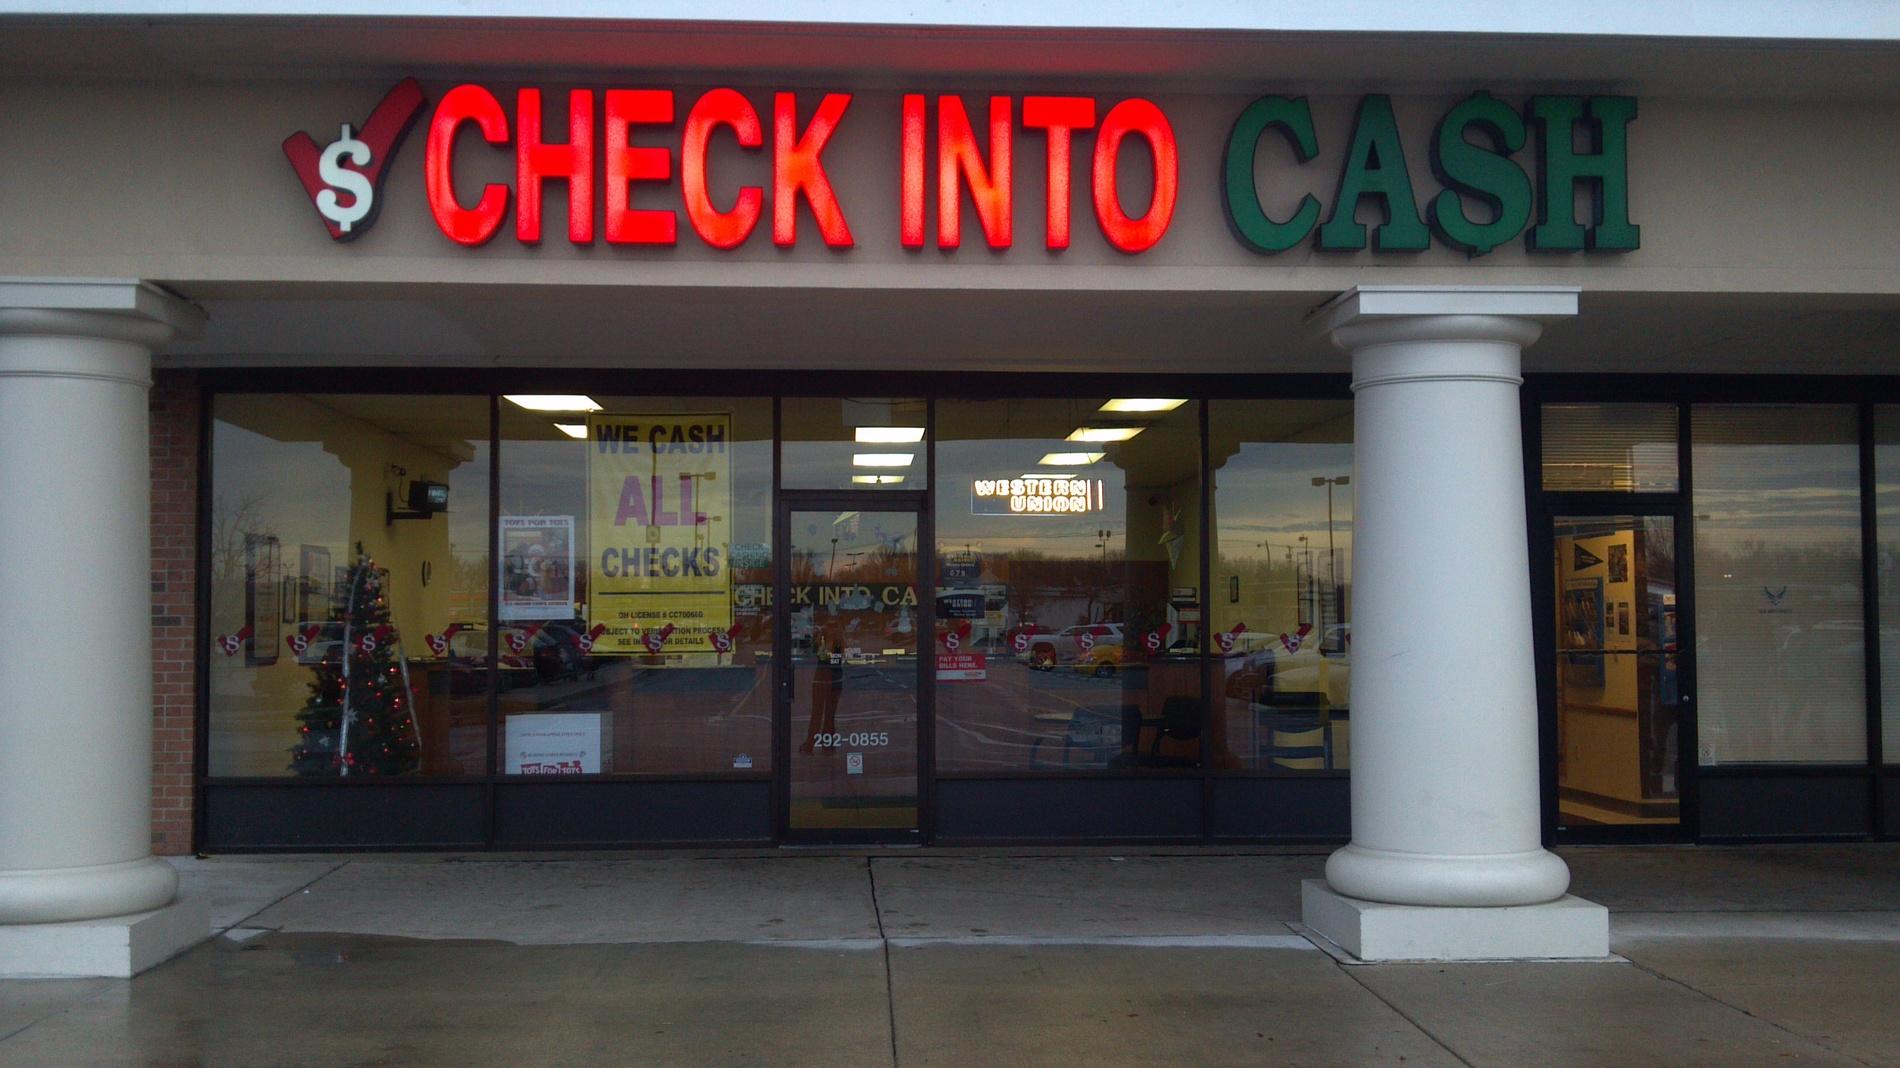 Ace cash loans 97124 picture 5